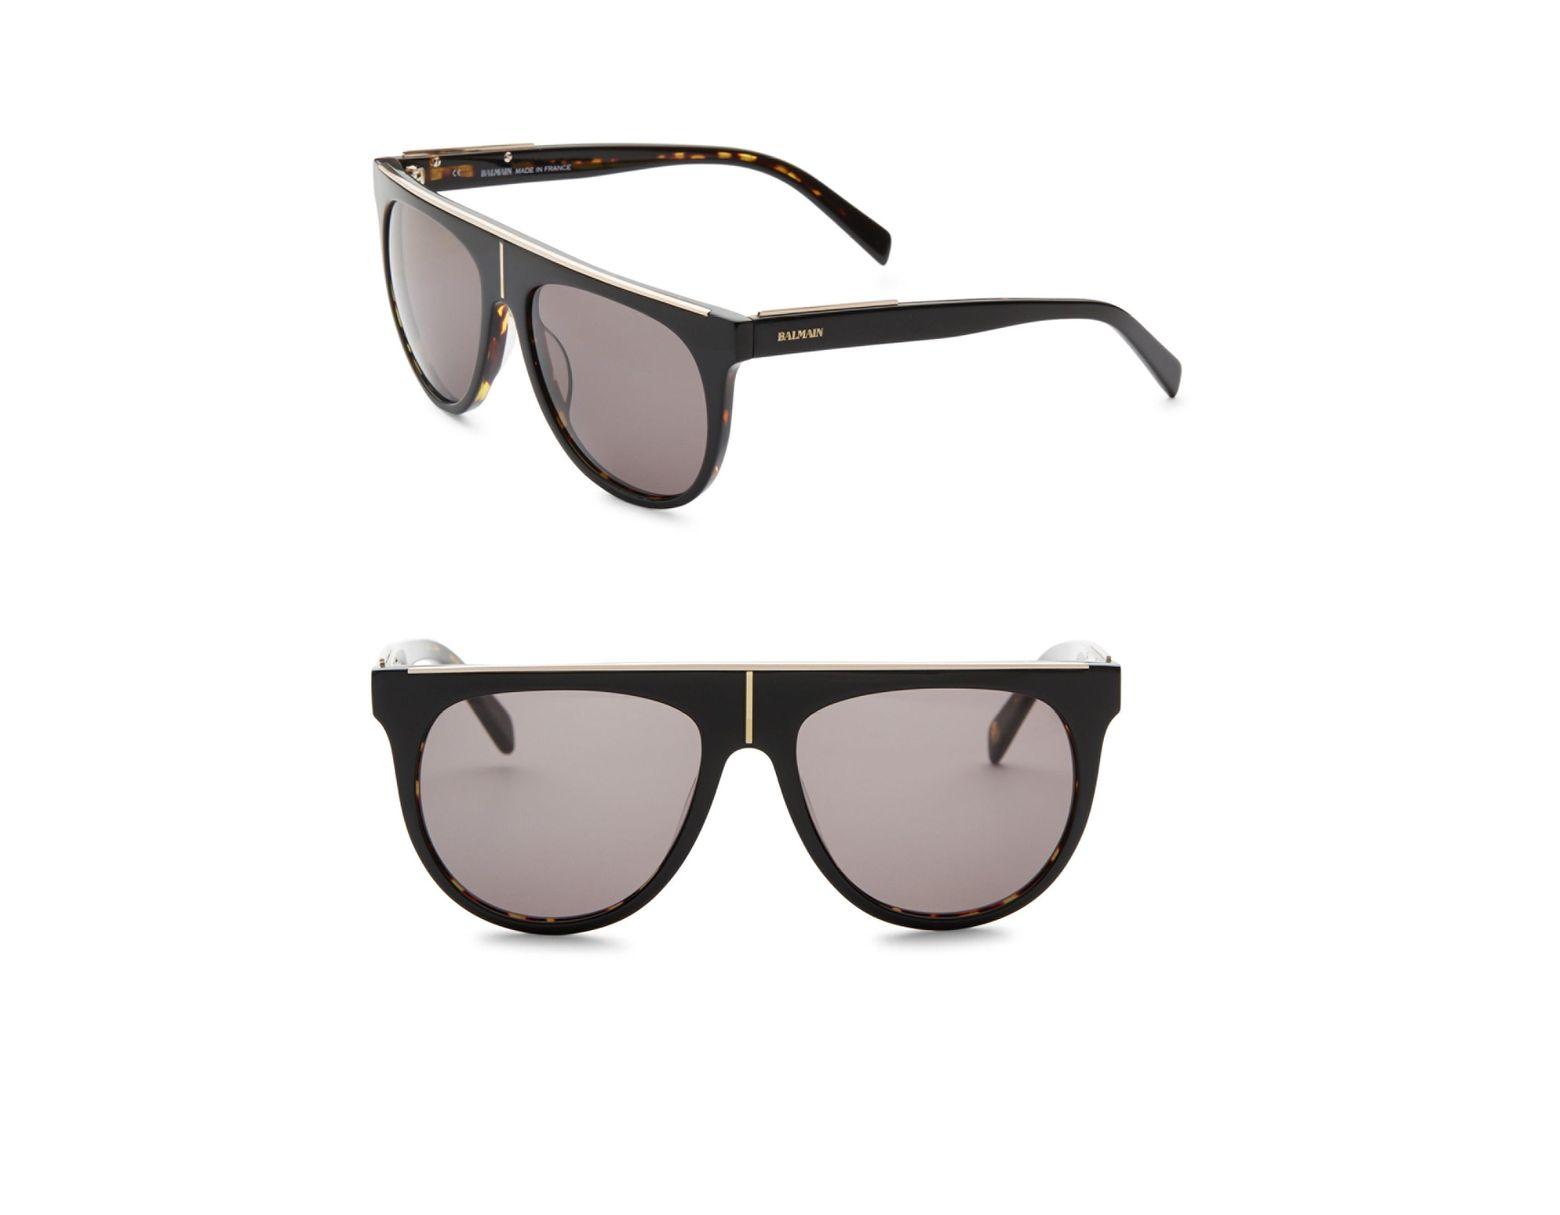 6b28b261ec31 Balmain Men's Flat Top 55mm Aviator Sunglasses - Black in Black for Men -  Lyst